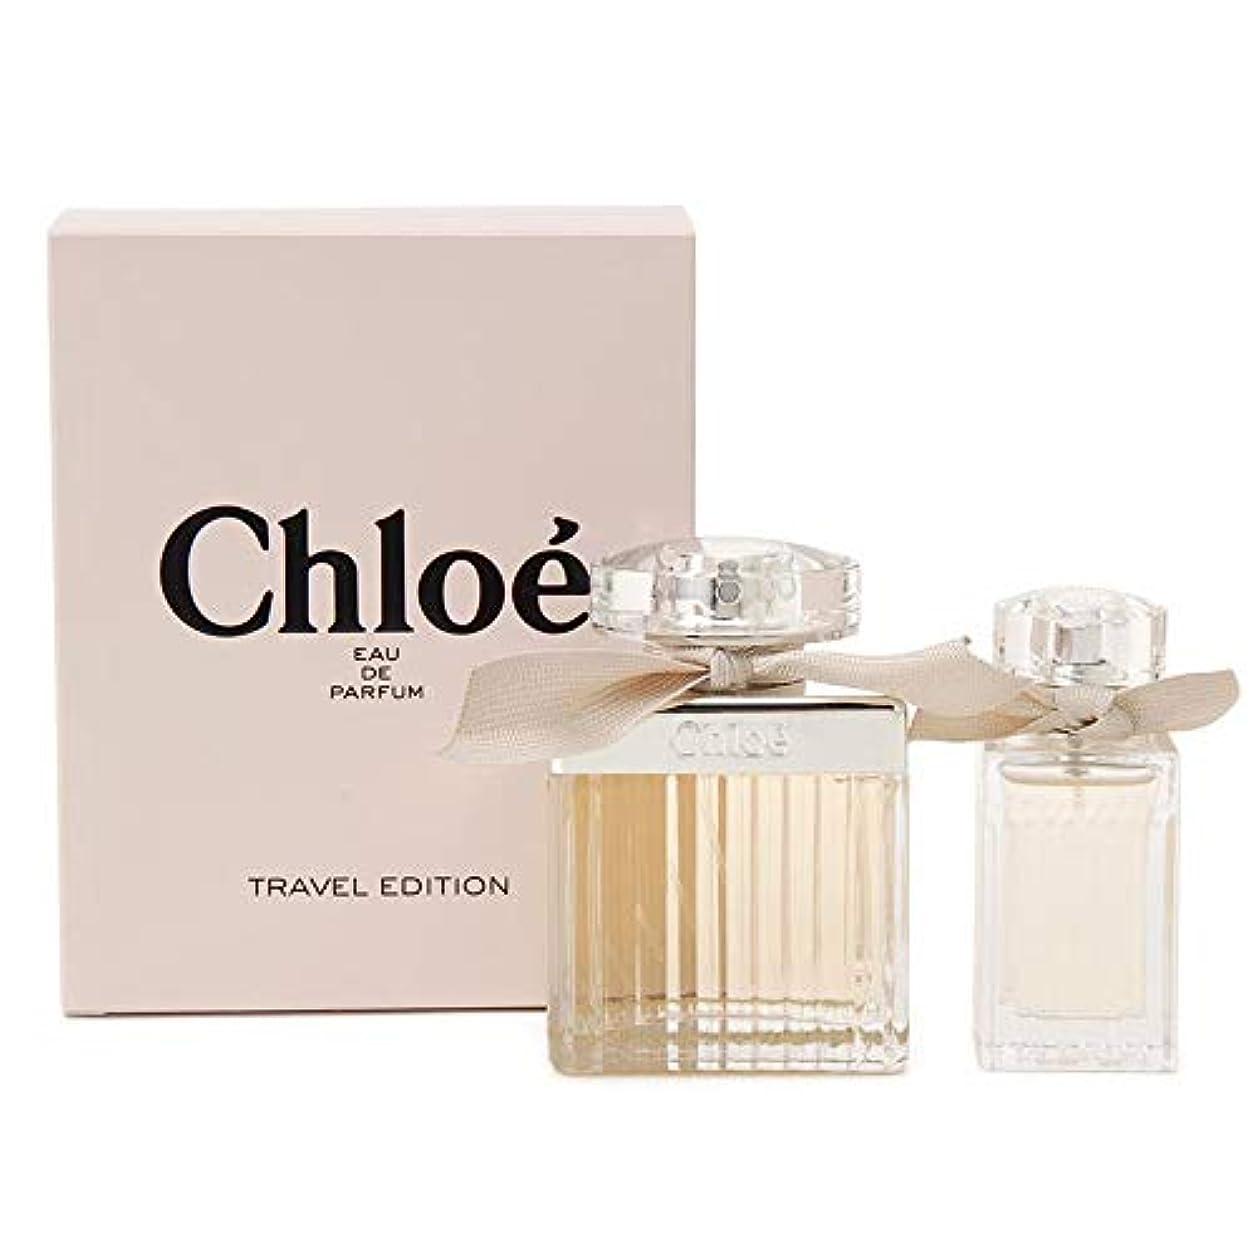 処方線形合計クロエ chloe オードパルファム 香水セット 20ml 75ml 2P 香水 レディース 女性用 フレグランス [並行輸入品]